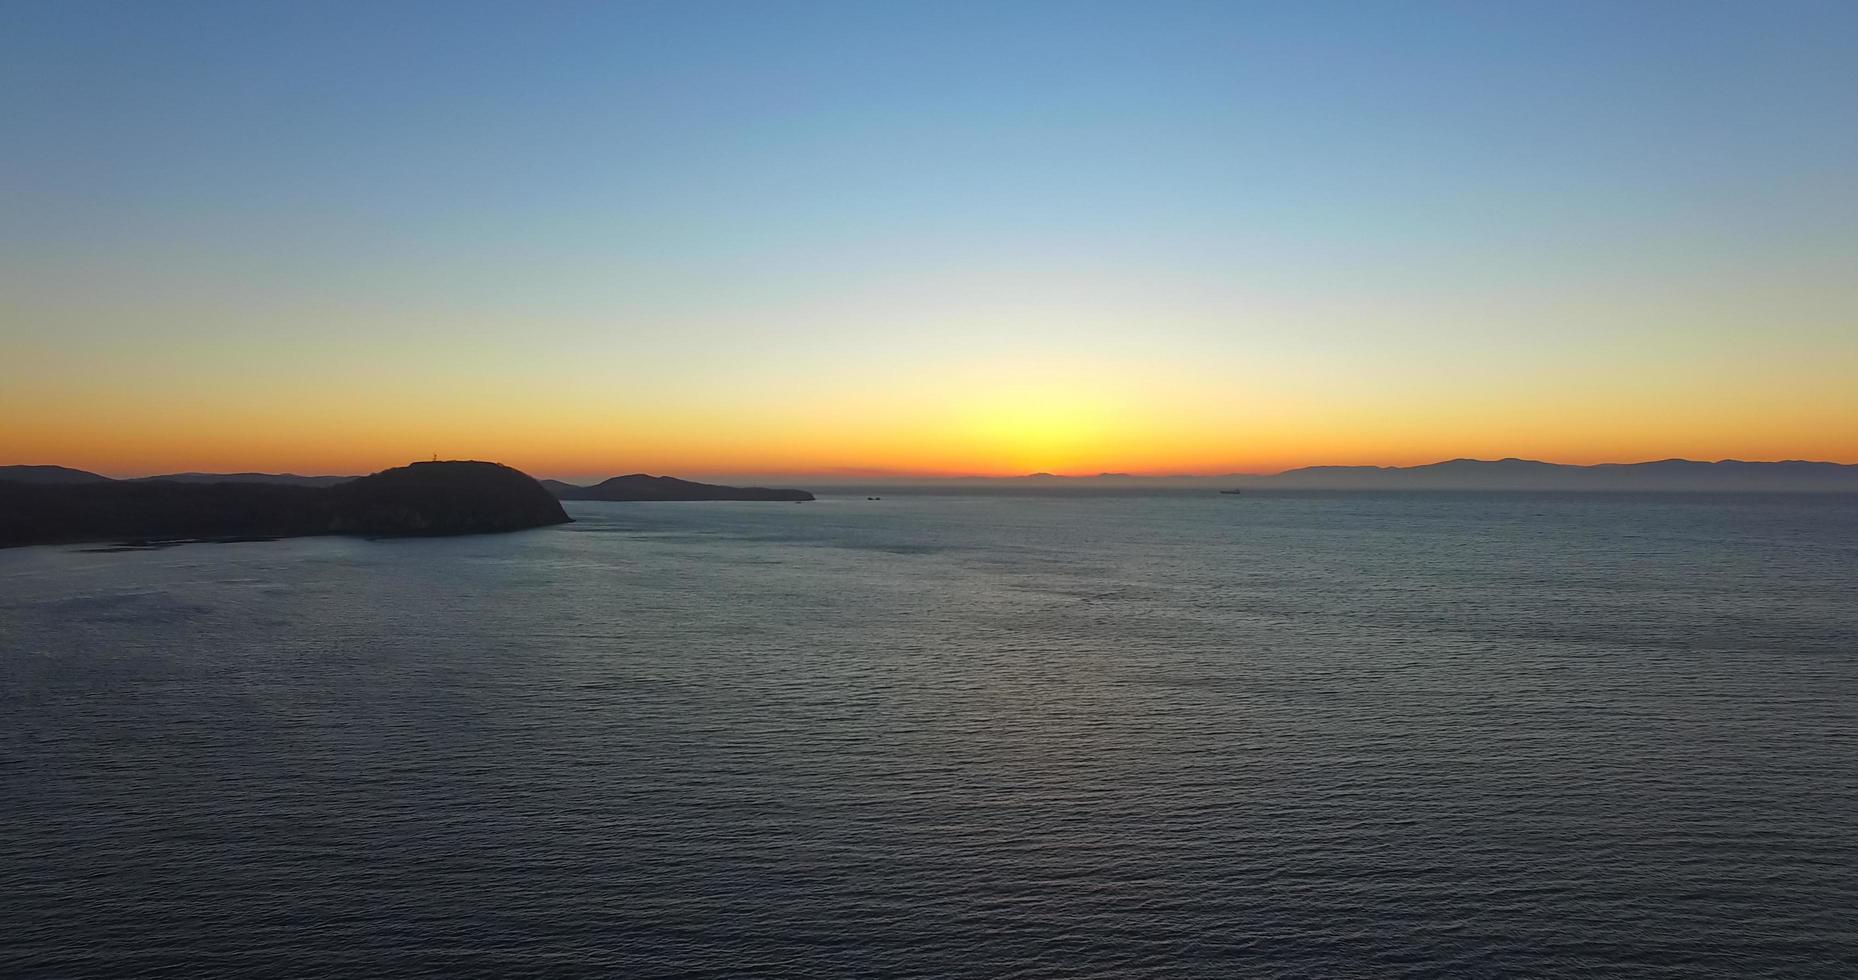 vista do mar à noite com o pôr do sol. foto